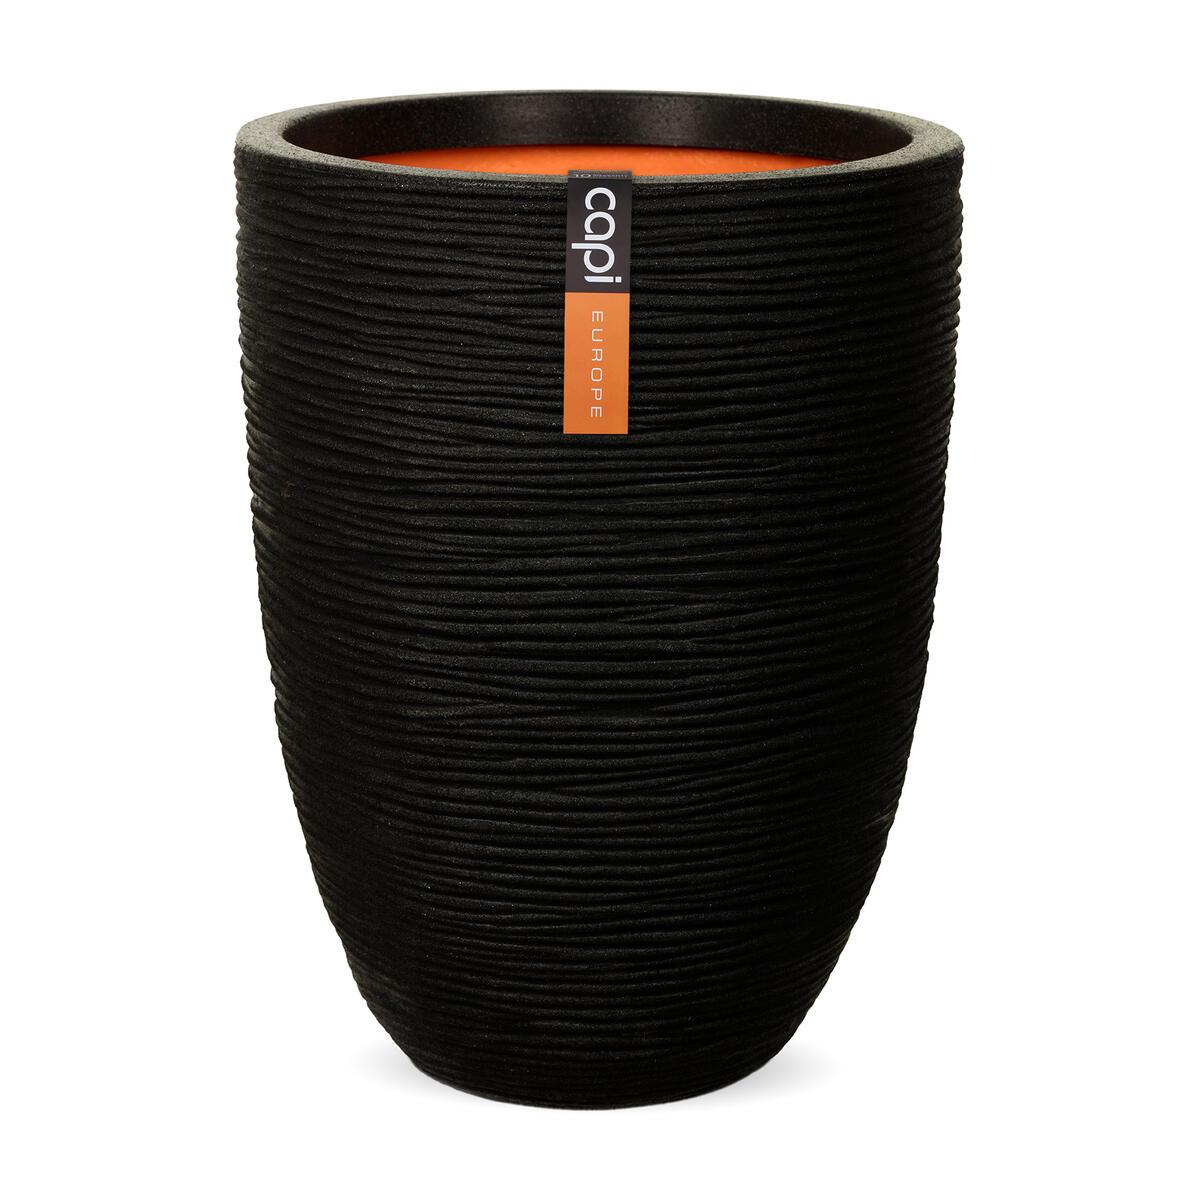 Elegant Black Plastic Vase